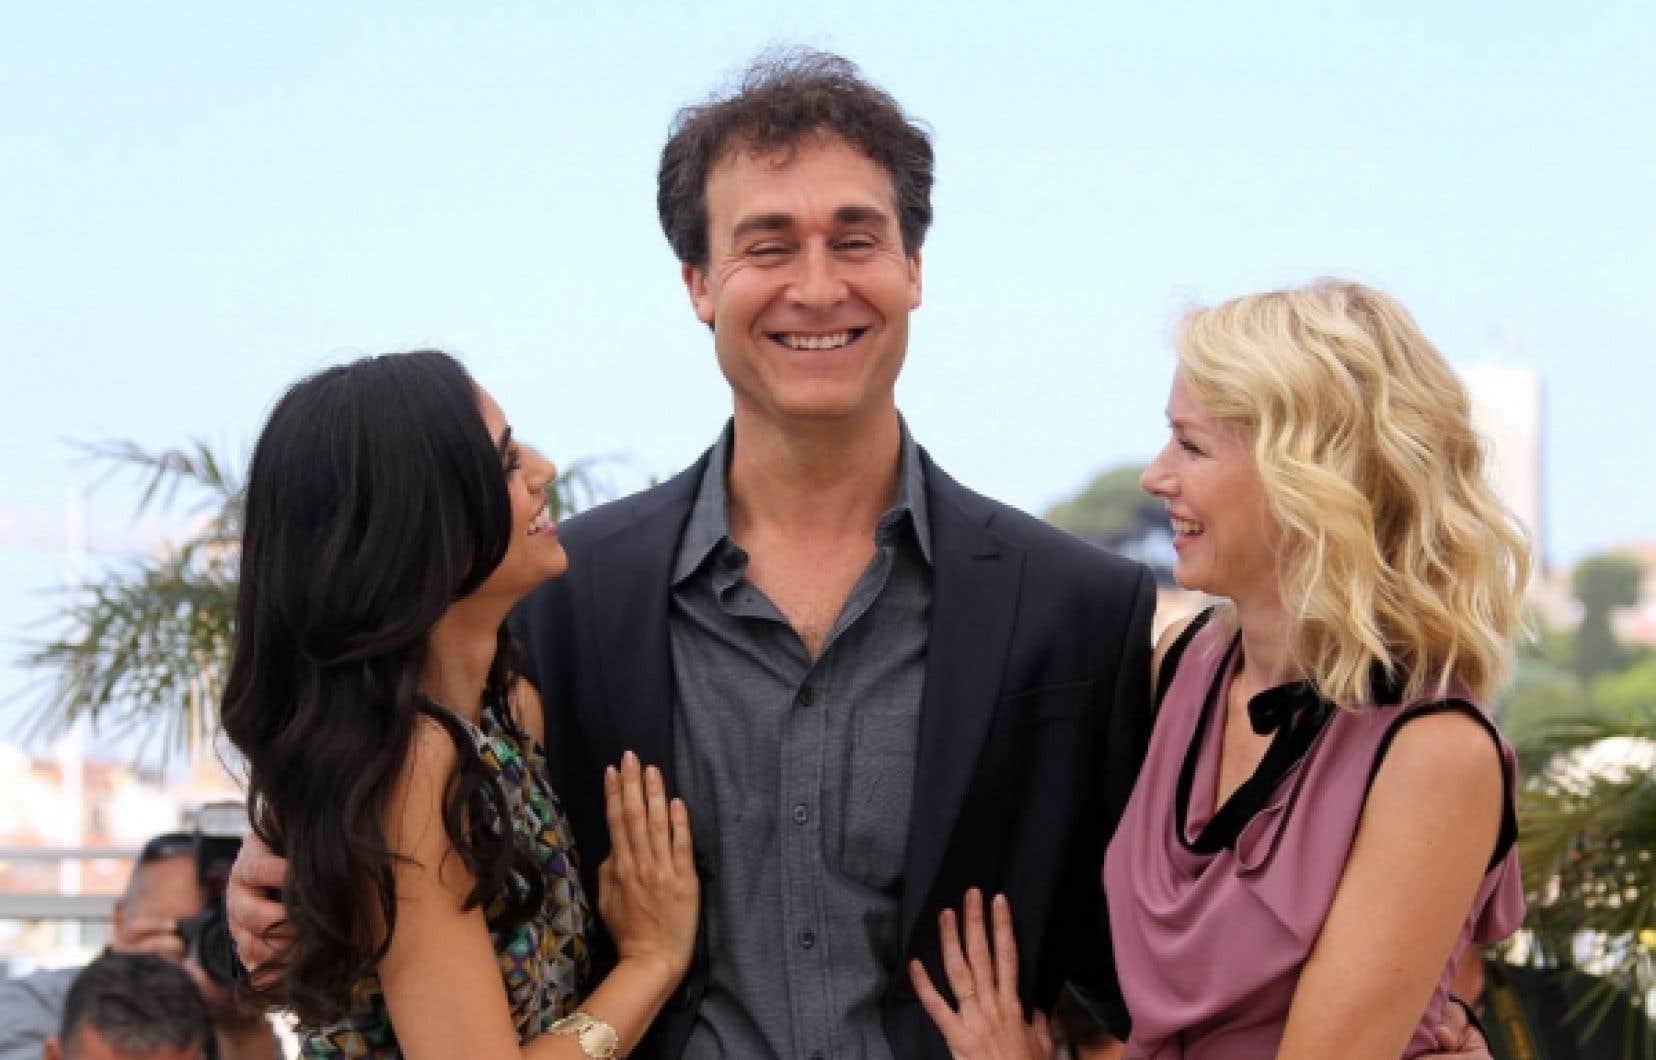 Le réalisateur Doug Liman, entouré des actrices Liraz Charhi (à gauche) et Naomi Watts.